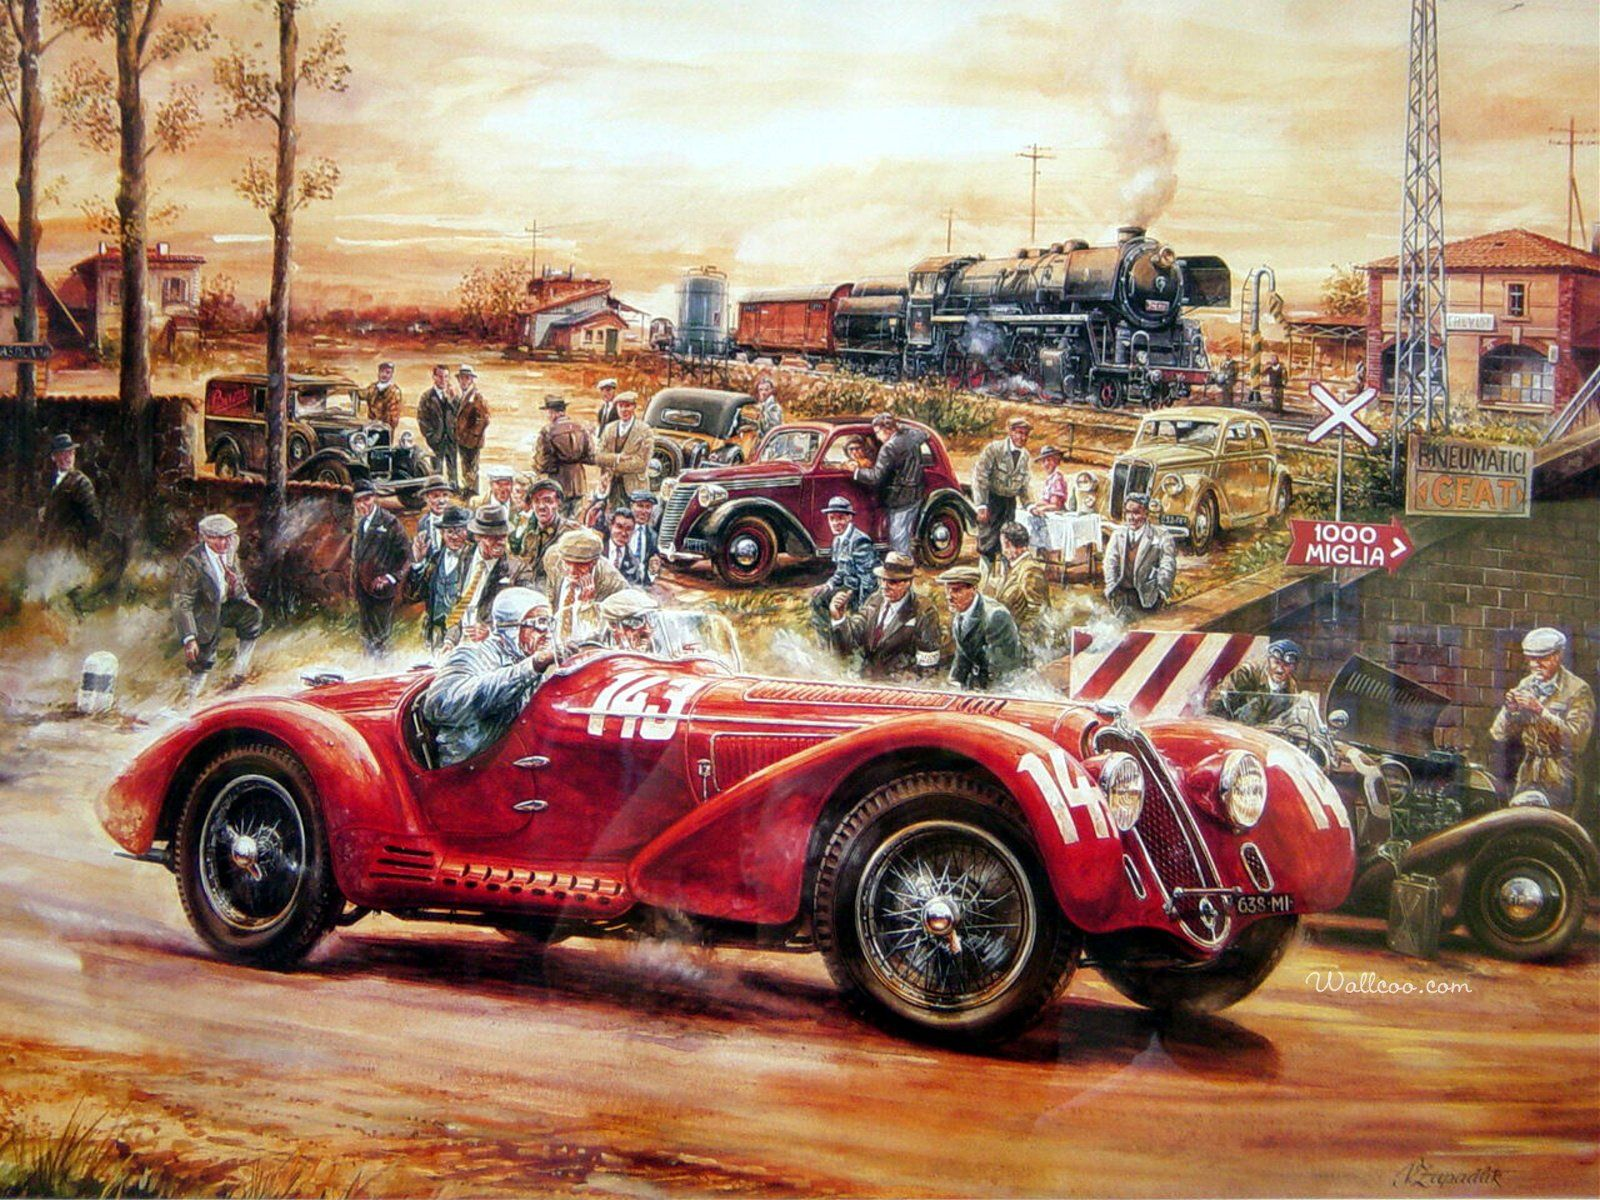 Vaclav Zapadlik Alfa Romeo On The Way To Victory For The